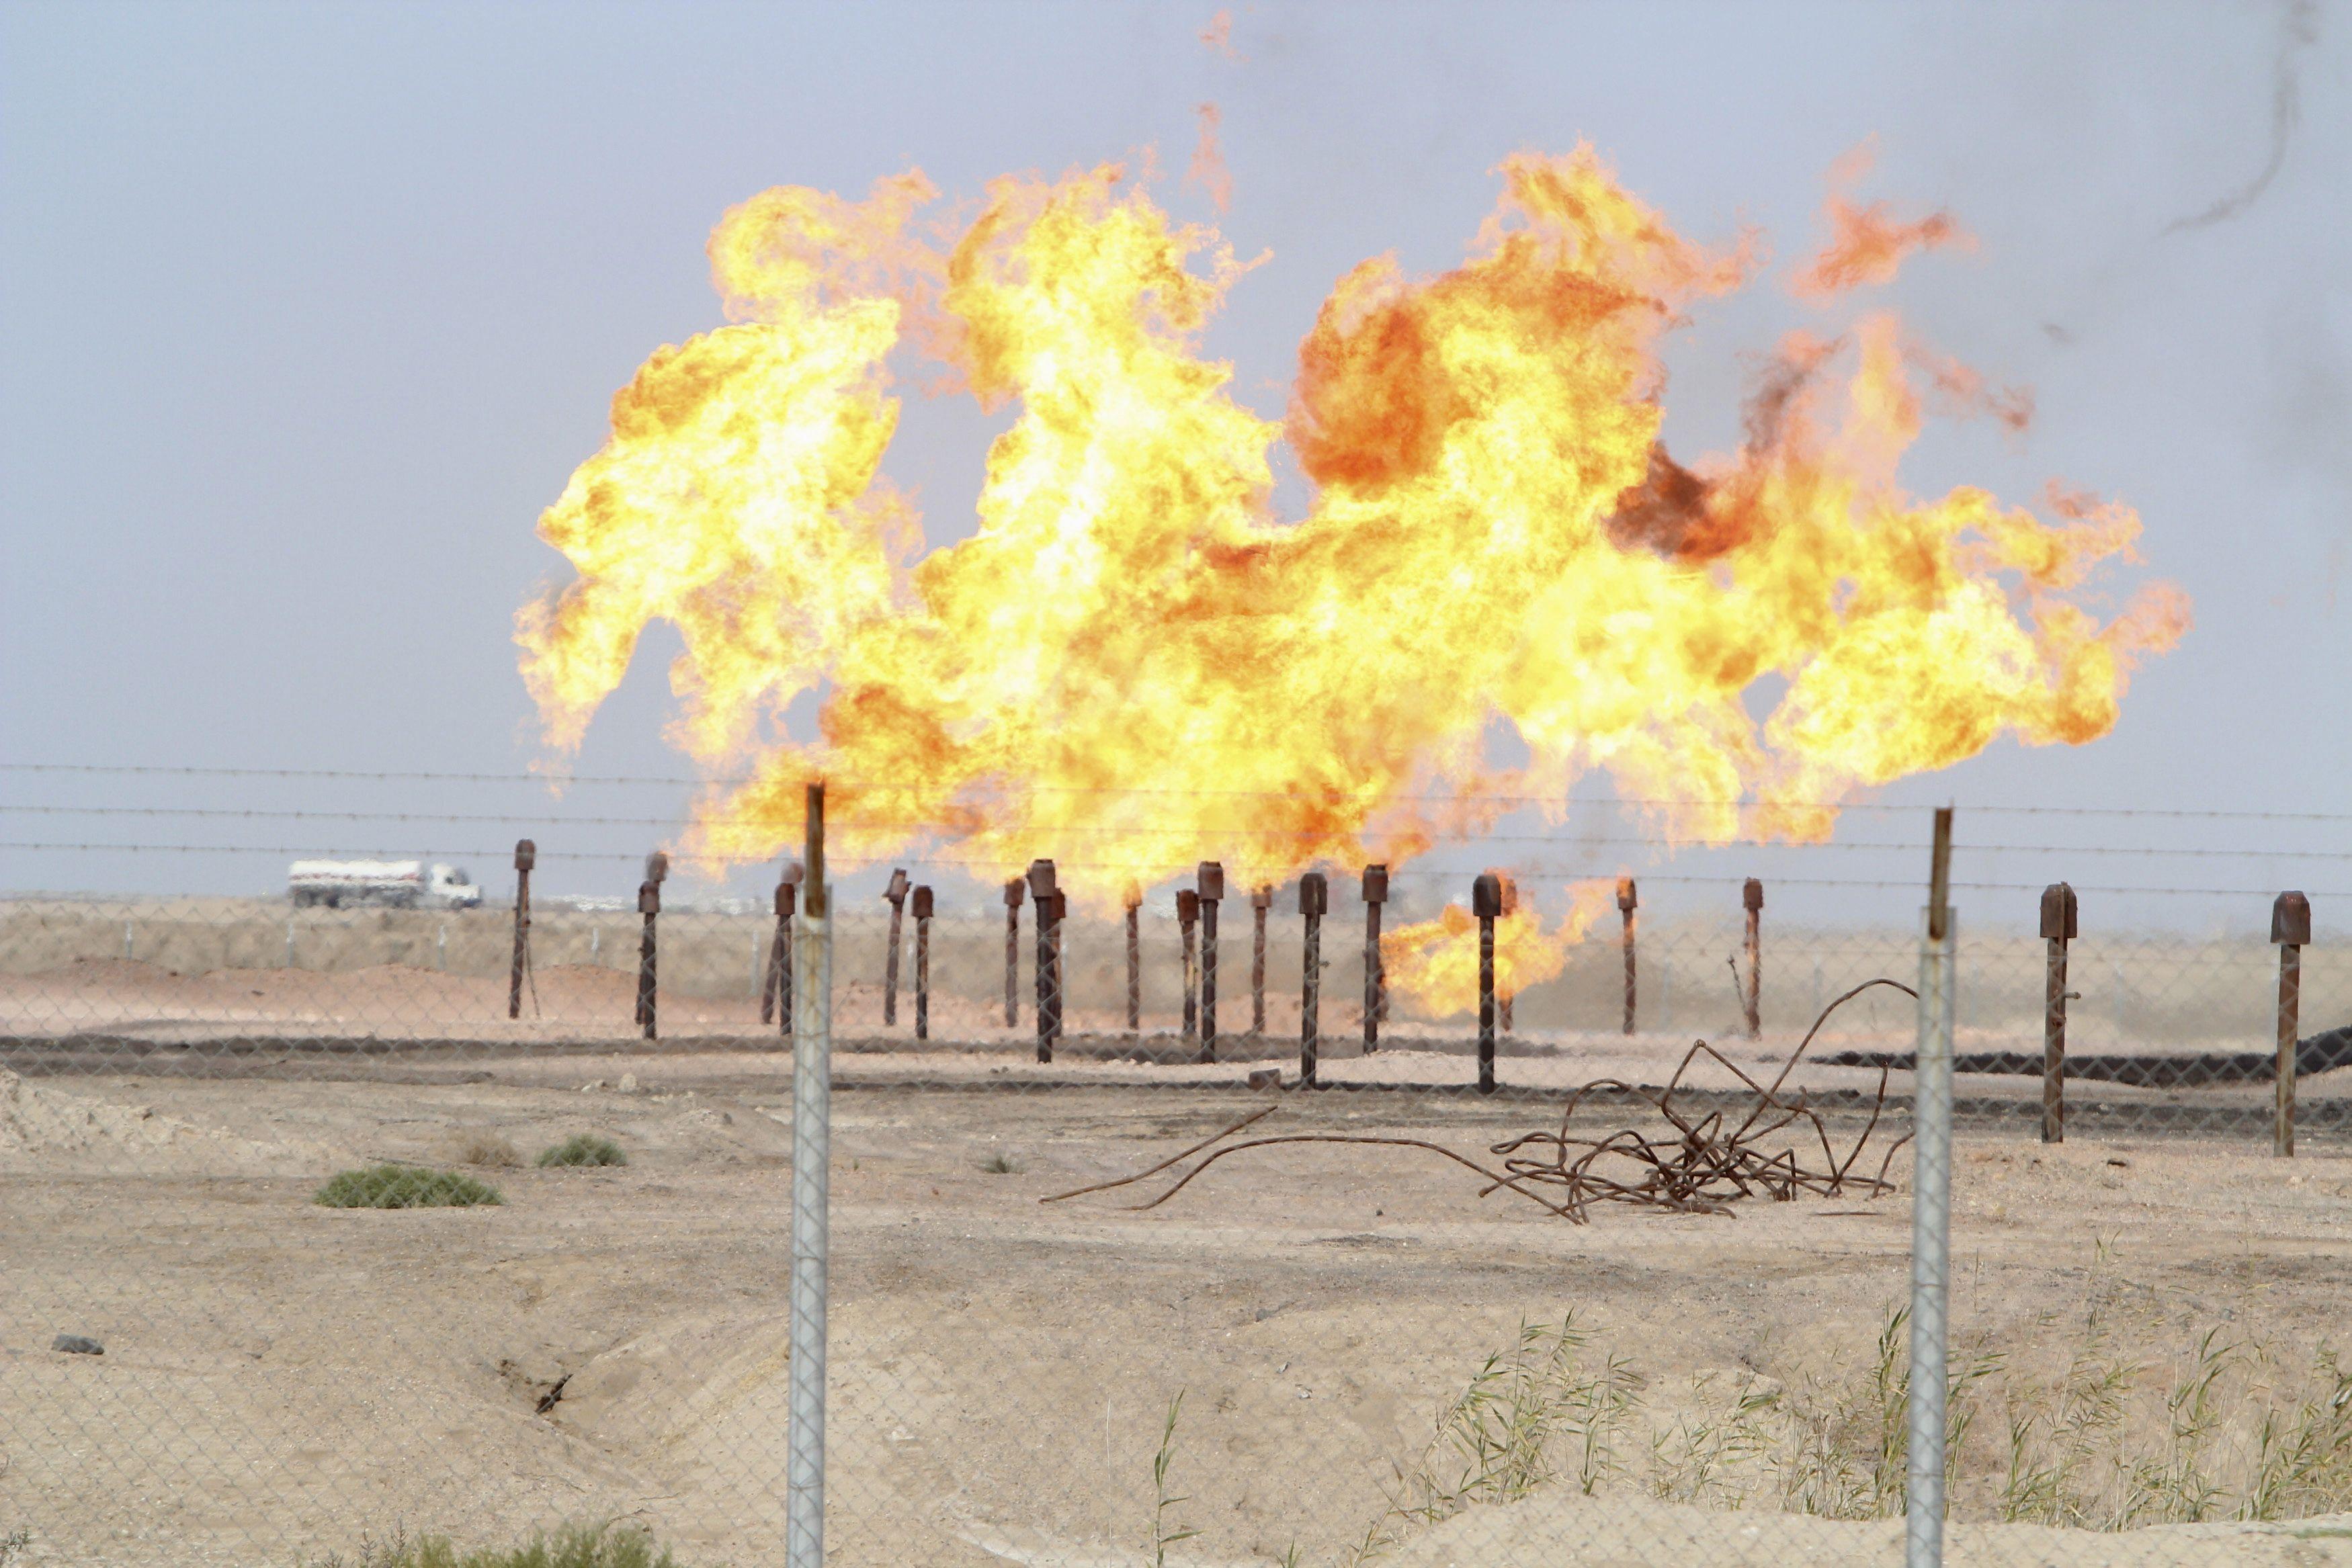 Pourquoi l'Europe pourrait être bientôt ravagée par une crise pétrolière d'un nouveau genre